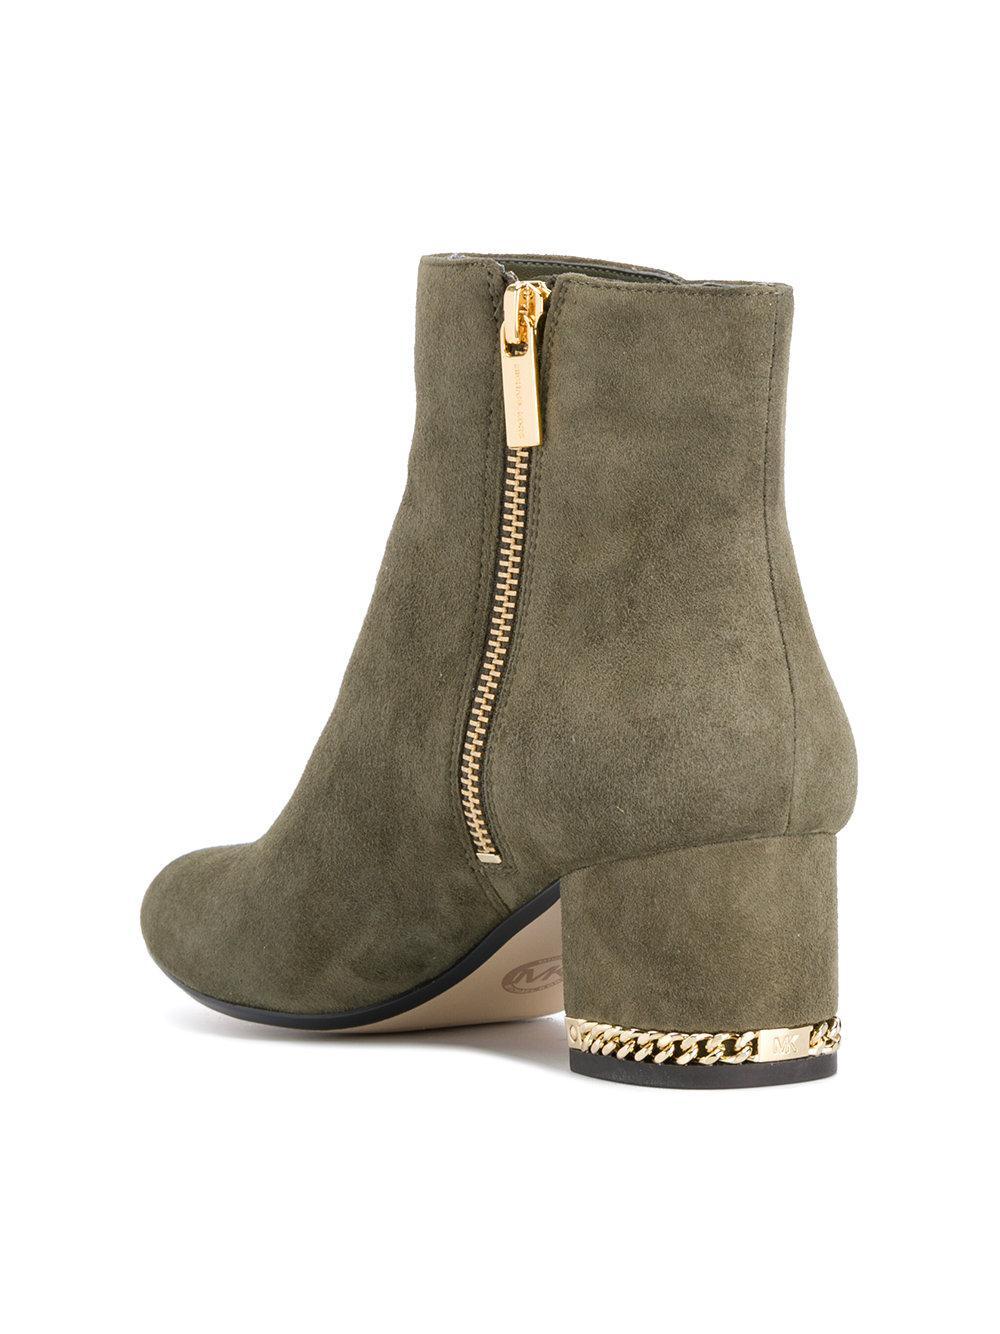 Michael Kors Brown Wedge Heel Shoes For Women